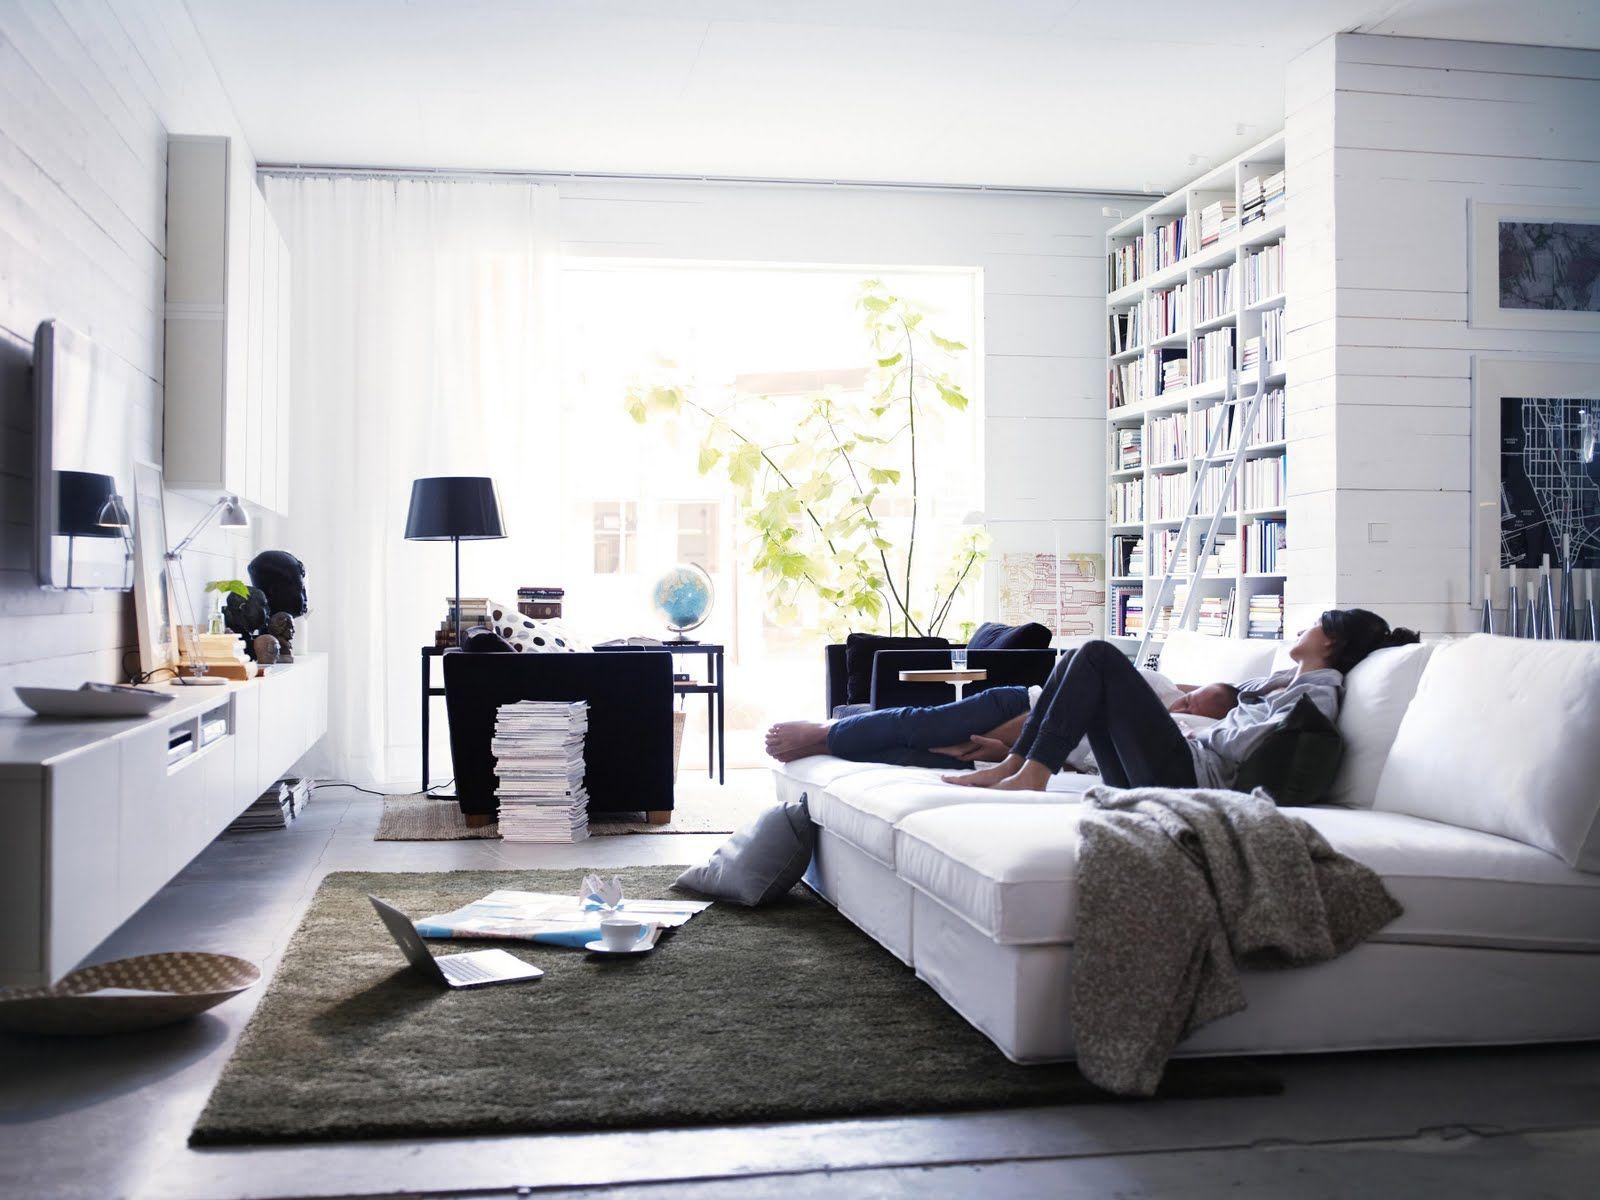 ikea kivik white inneneinrichtung wohnzimmer ikea wohnzimmer und lounge m bel. Black Bedroom Furniture Sets. Home Design Ideas